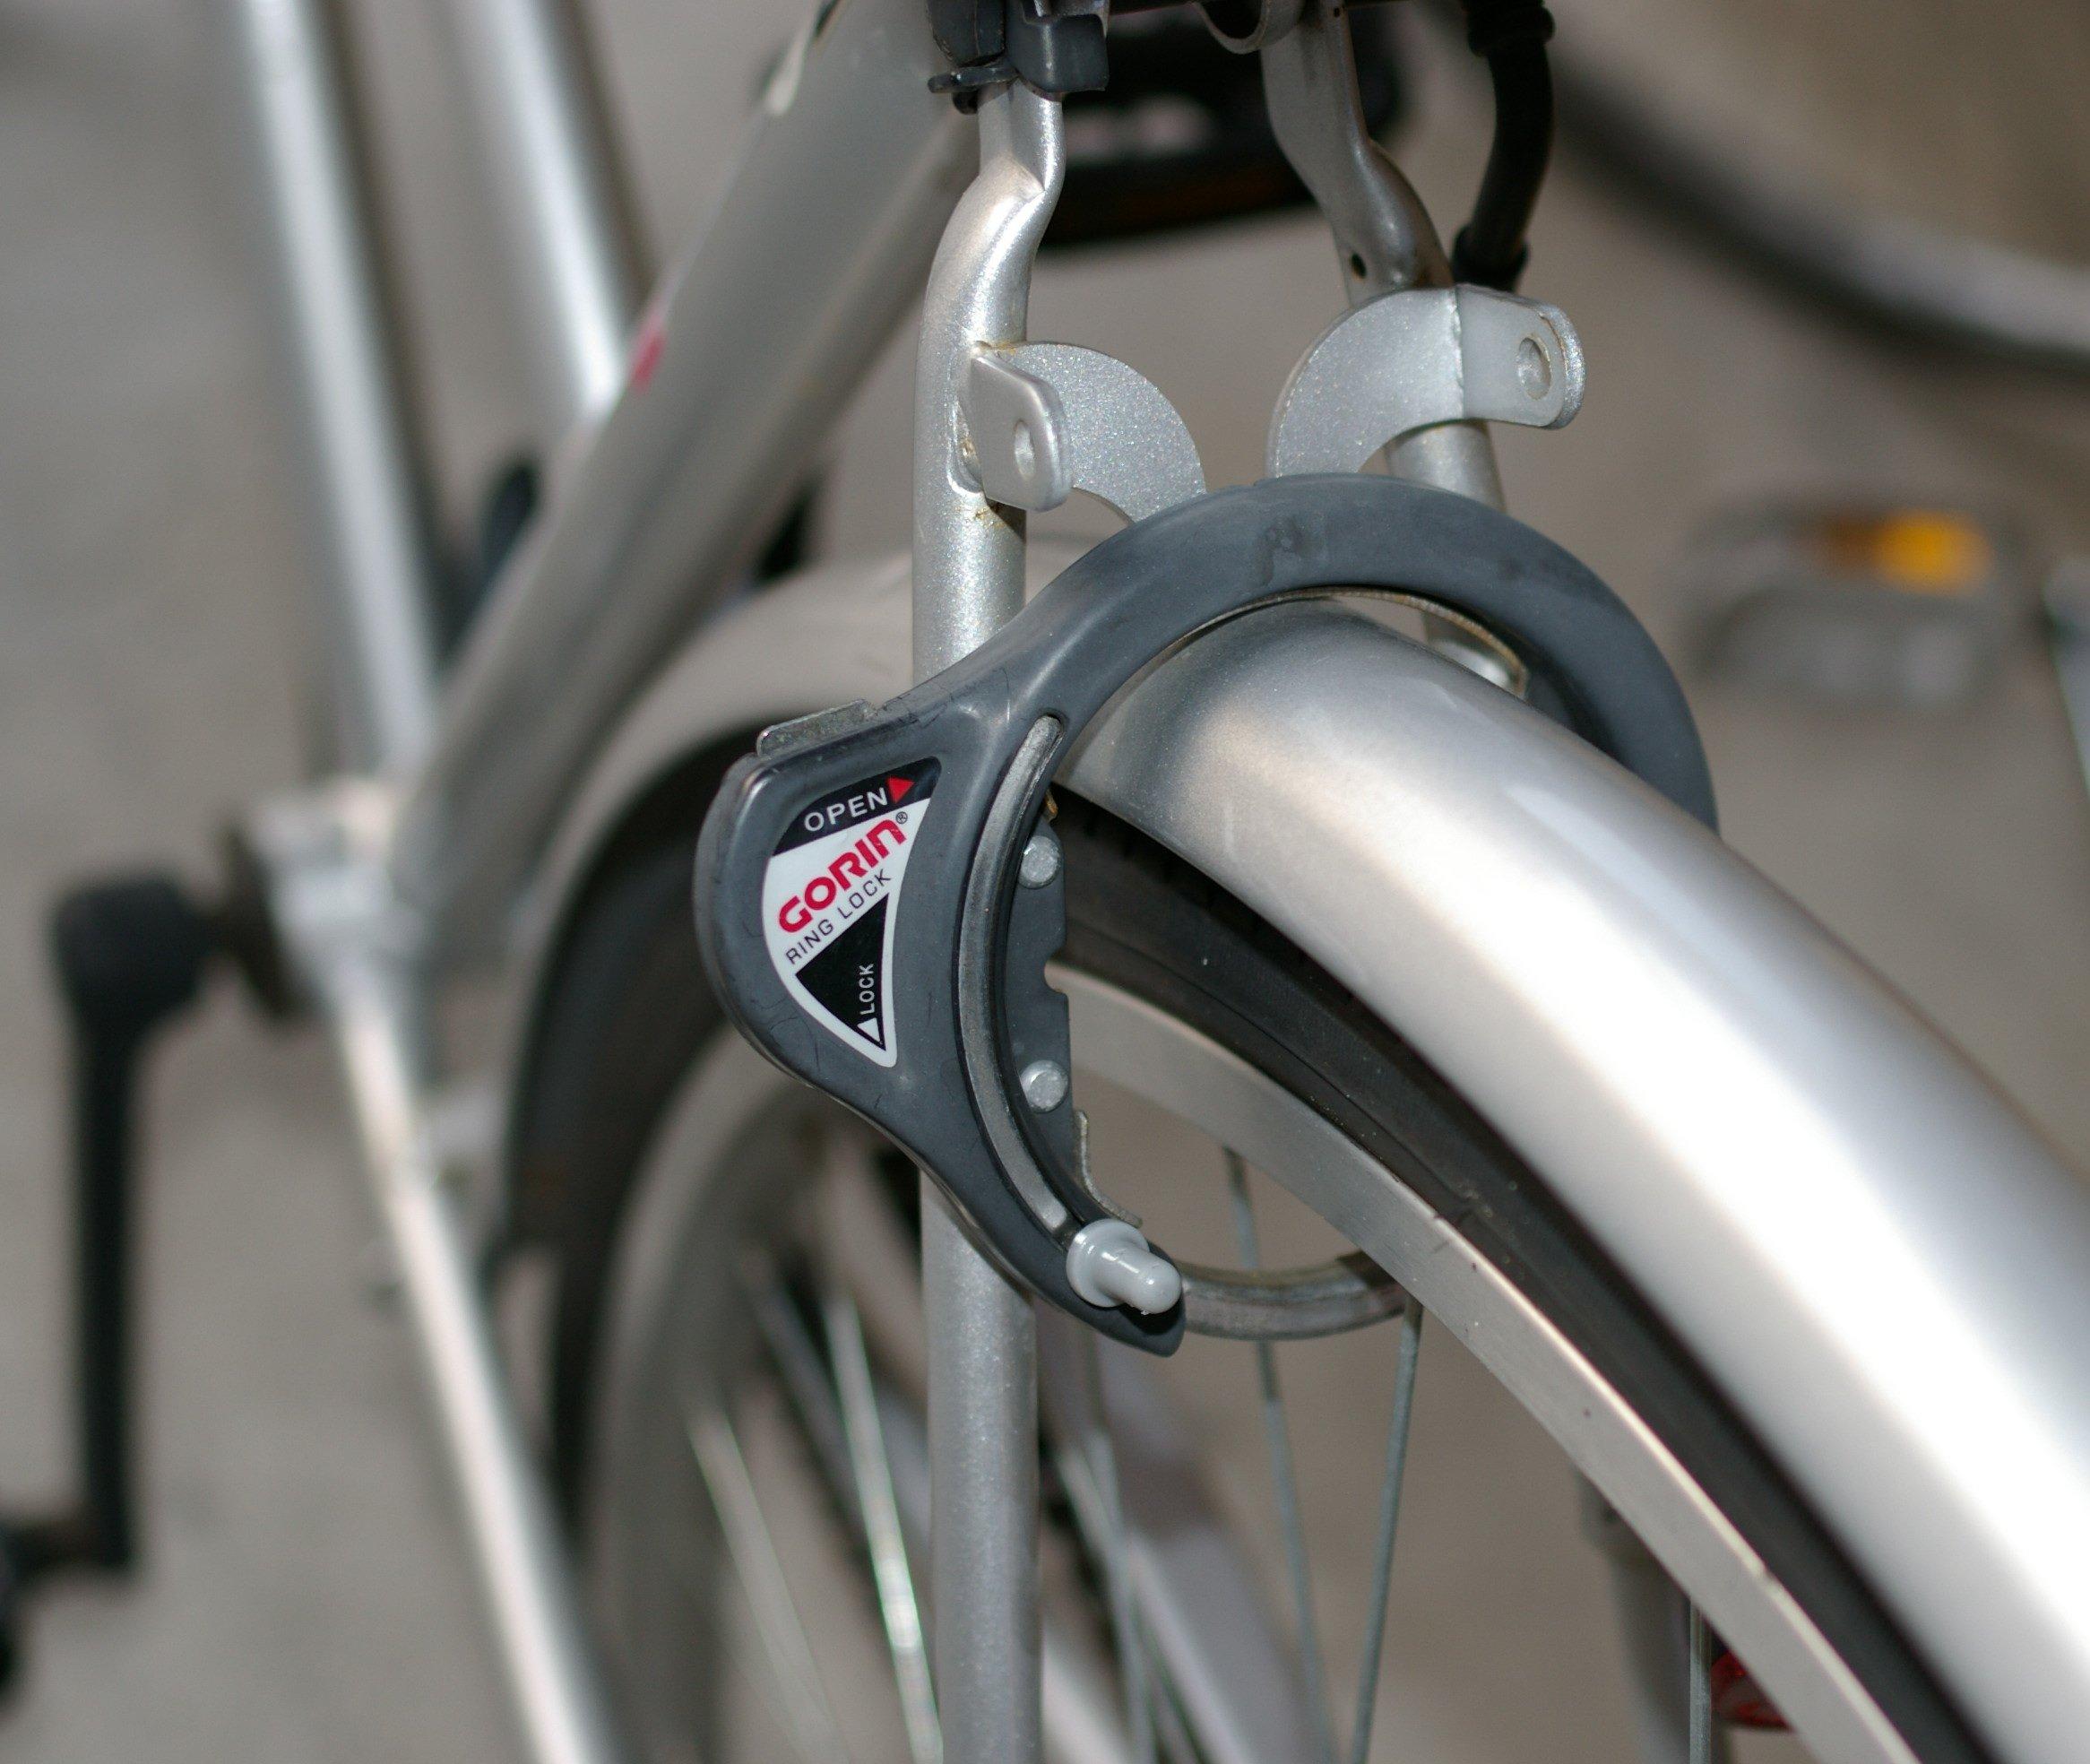 https://upload.wikimedia.org/wikipedia/commons/2/21/Bike_O_Lock_Japan.jpg